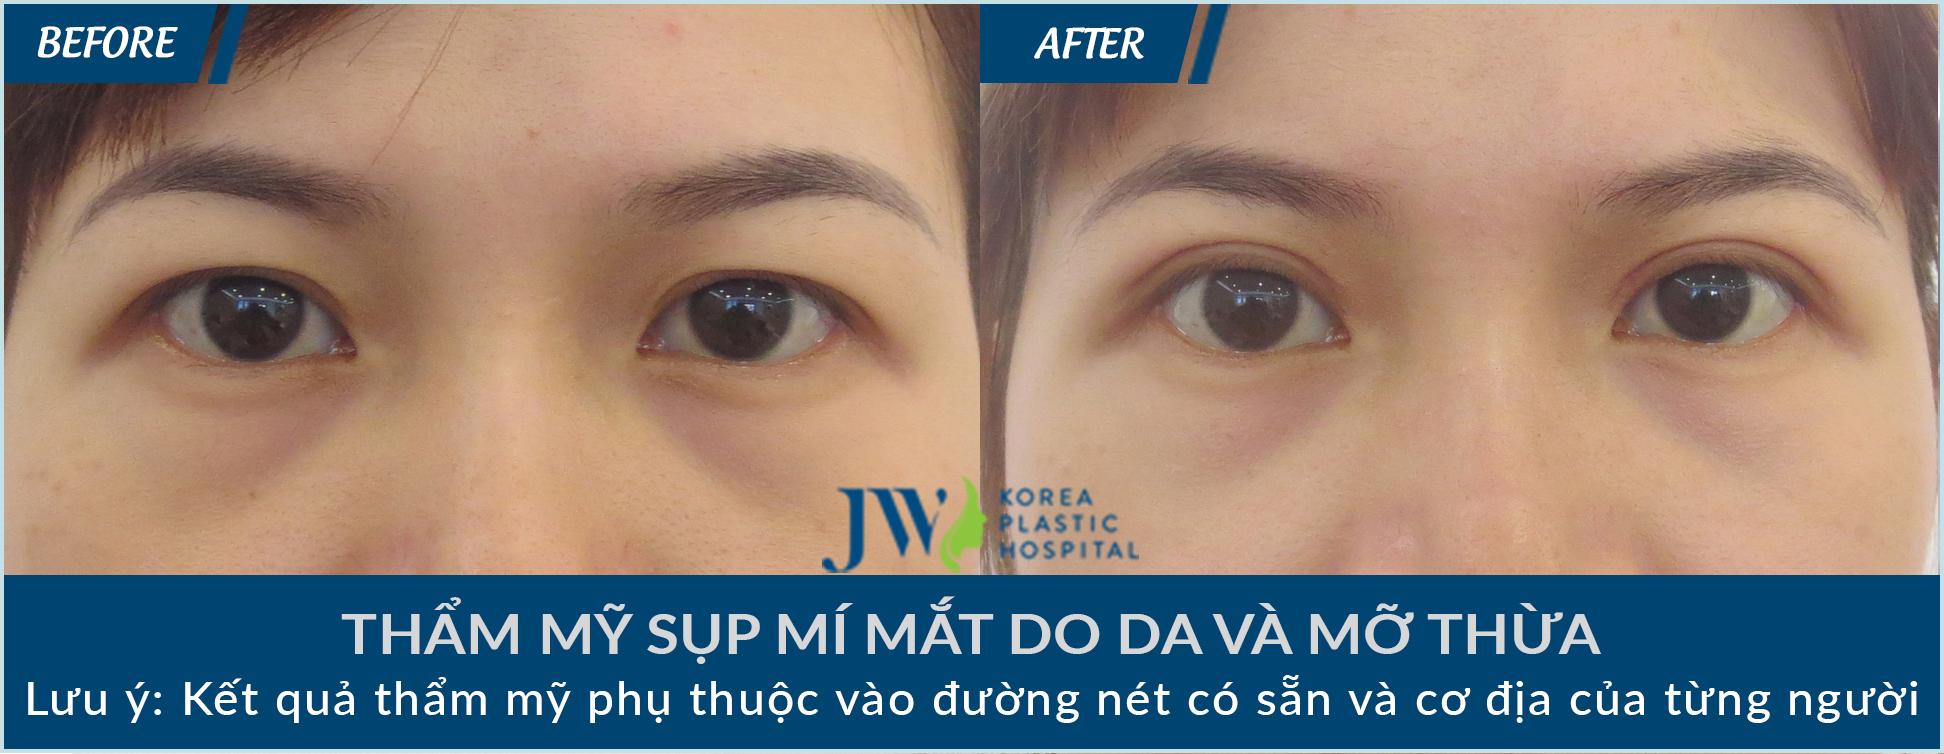 Nhiều khách hàng rất hài lòng khi áp dụng dịch vụ thẩm mỹ mắt tại JW